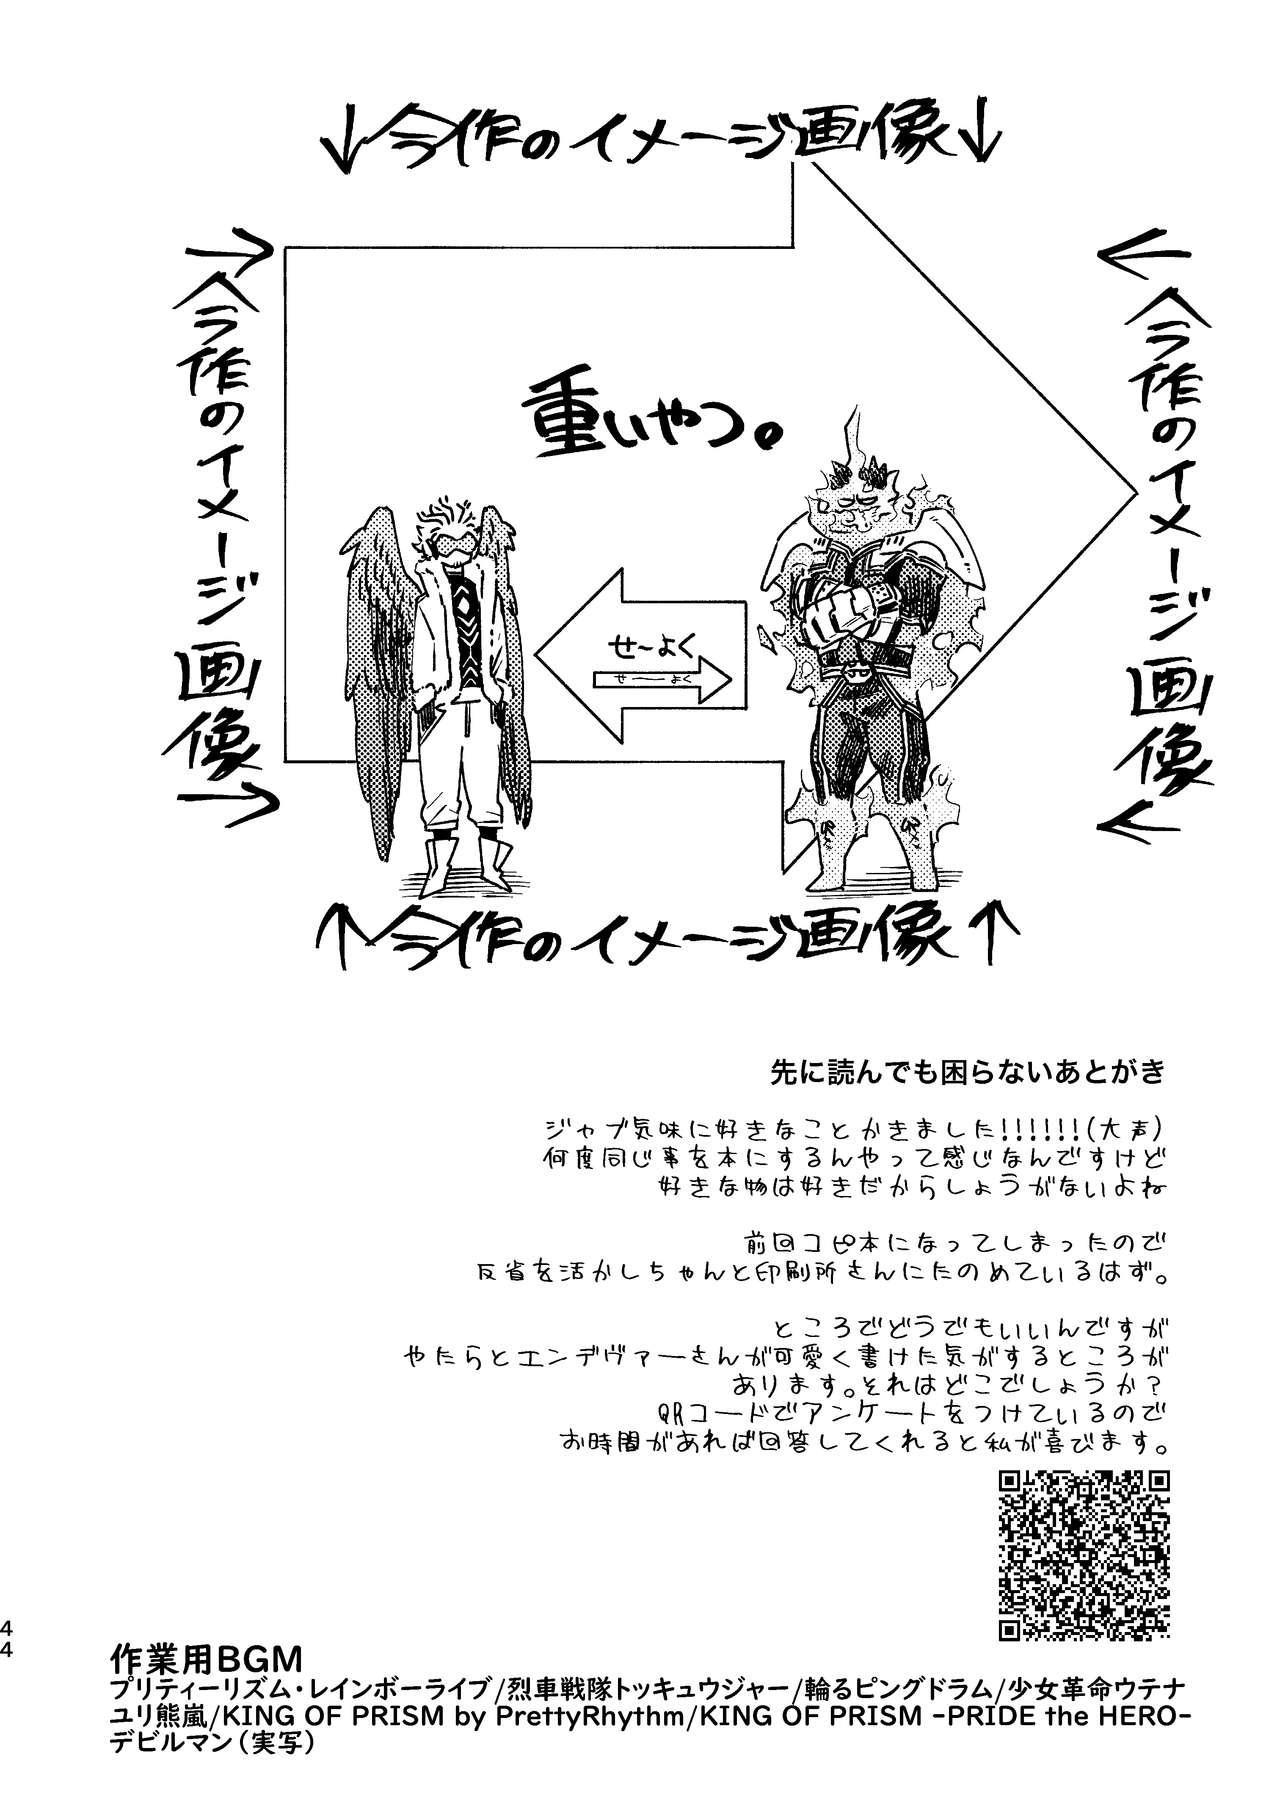 WEB Sairoku Zumi HawEn Manga ga Kami demo Yomeru Hon. 43